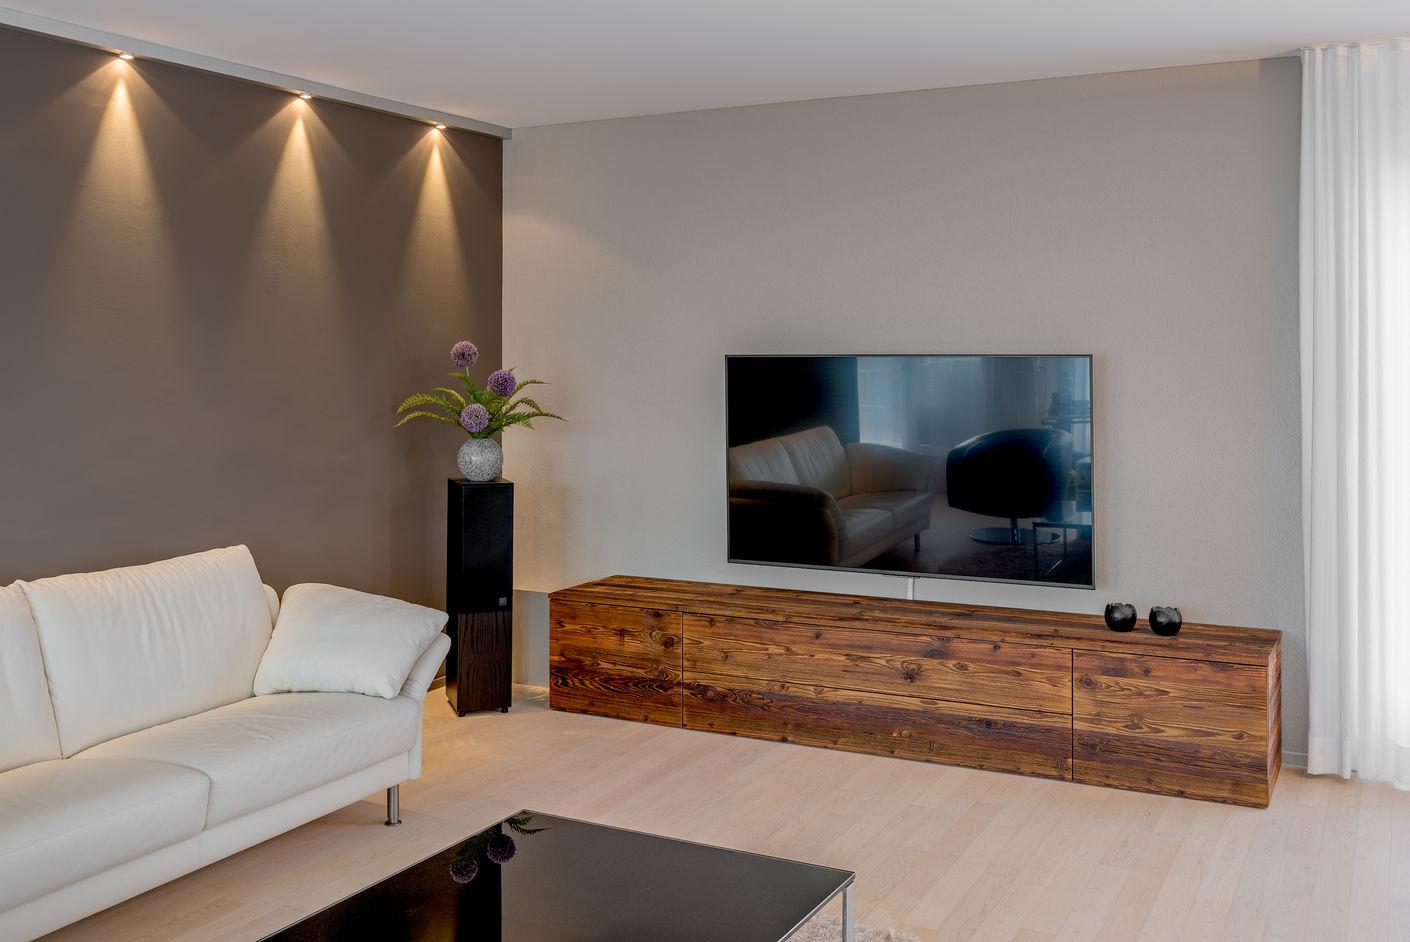 Der Blickfänger im Wohnraum: Sideboard aus trendigem Altholz. Hinter der farbigen Wand mit dem stimmungsvollen Licht verbirgt sich eine Liftschachtverkleidung aus Holz, um die Geräusche des Liftes zu dämmen.